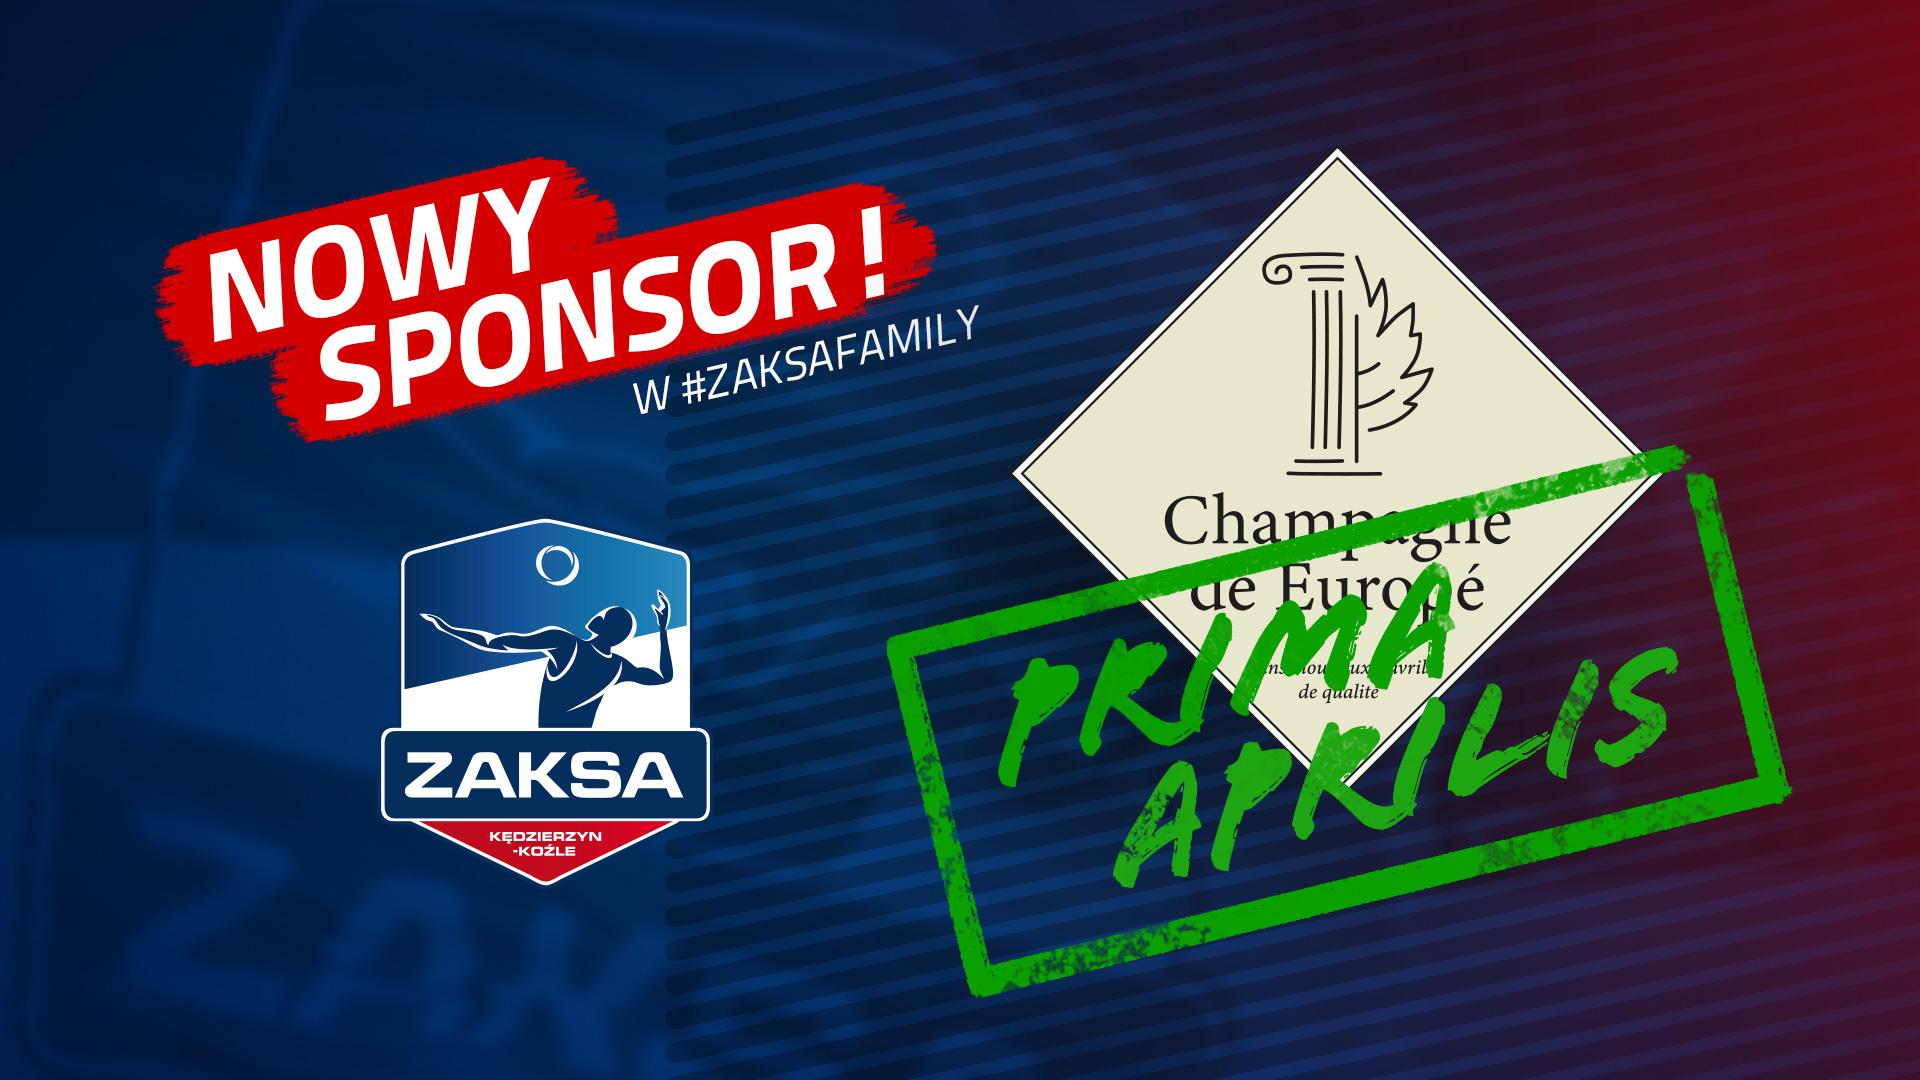 Nowy sponsor na finał Ligi Mistrzów! – Prima Aprilis